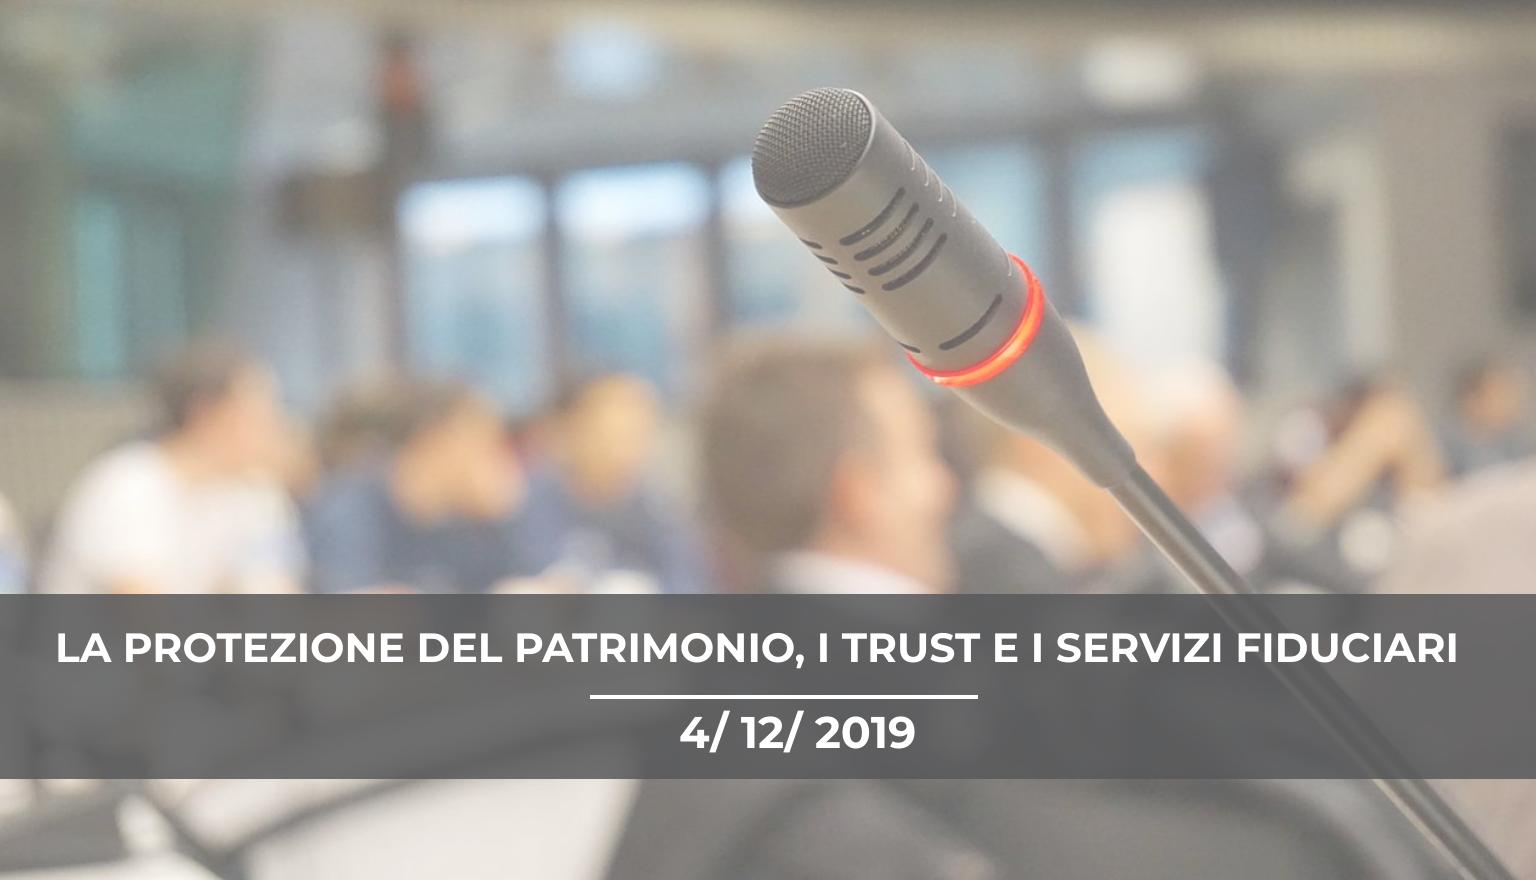 Convegno Formativo Milano: La protezione del patrimonio, i trust e i servizi fiduciari